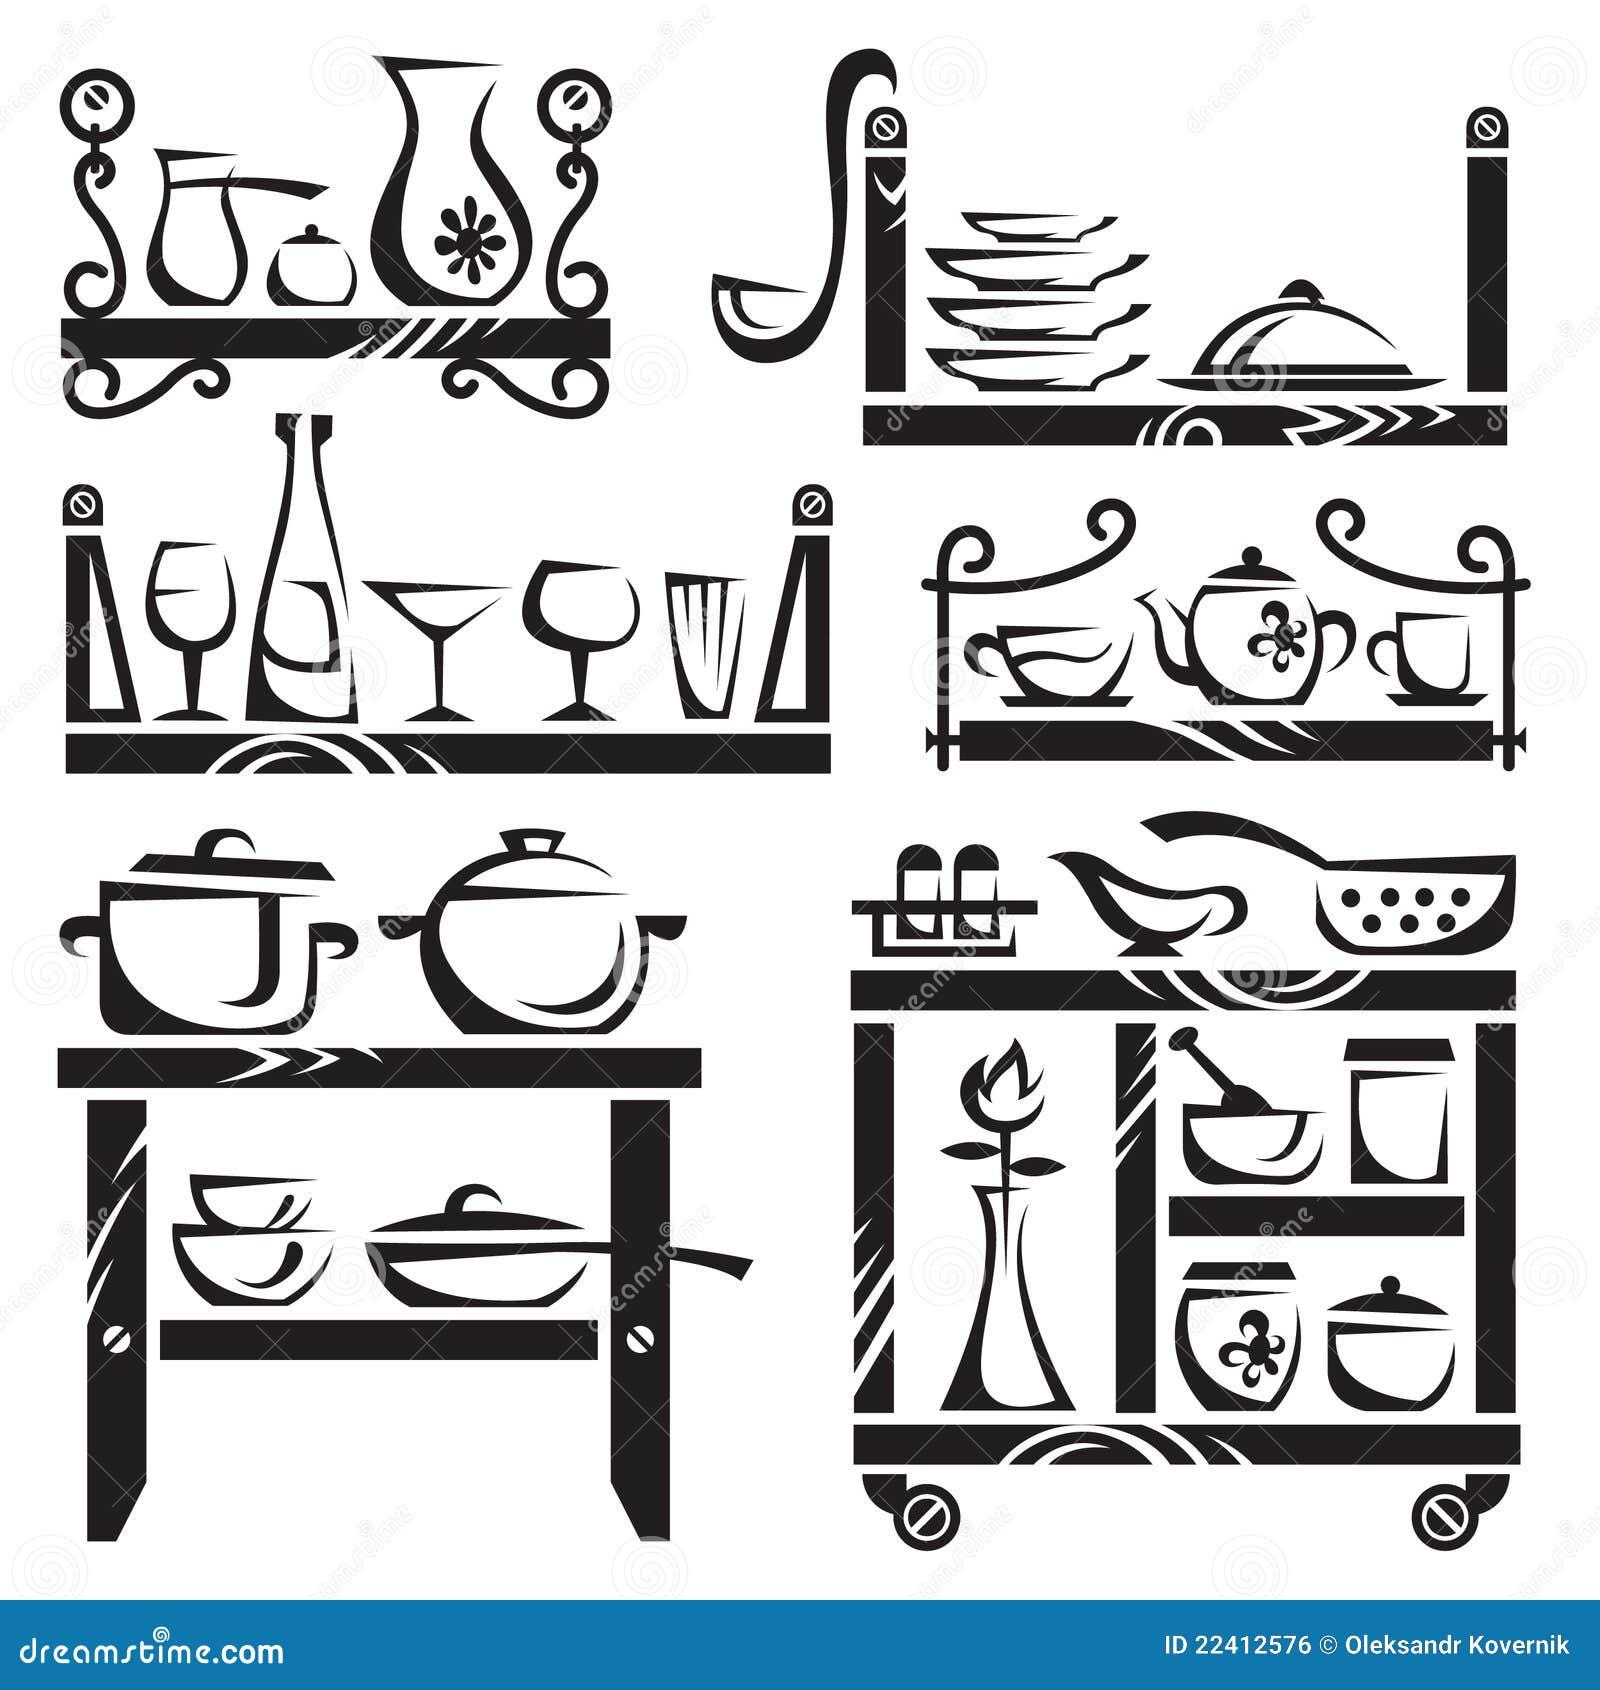 Utensili Della Cucina Sulle Mensole Immagine Stock Libera Da Diritti  #84A526 1300 1390 Utensili Da Cucina Disegni